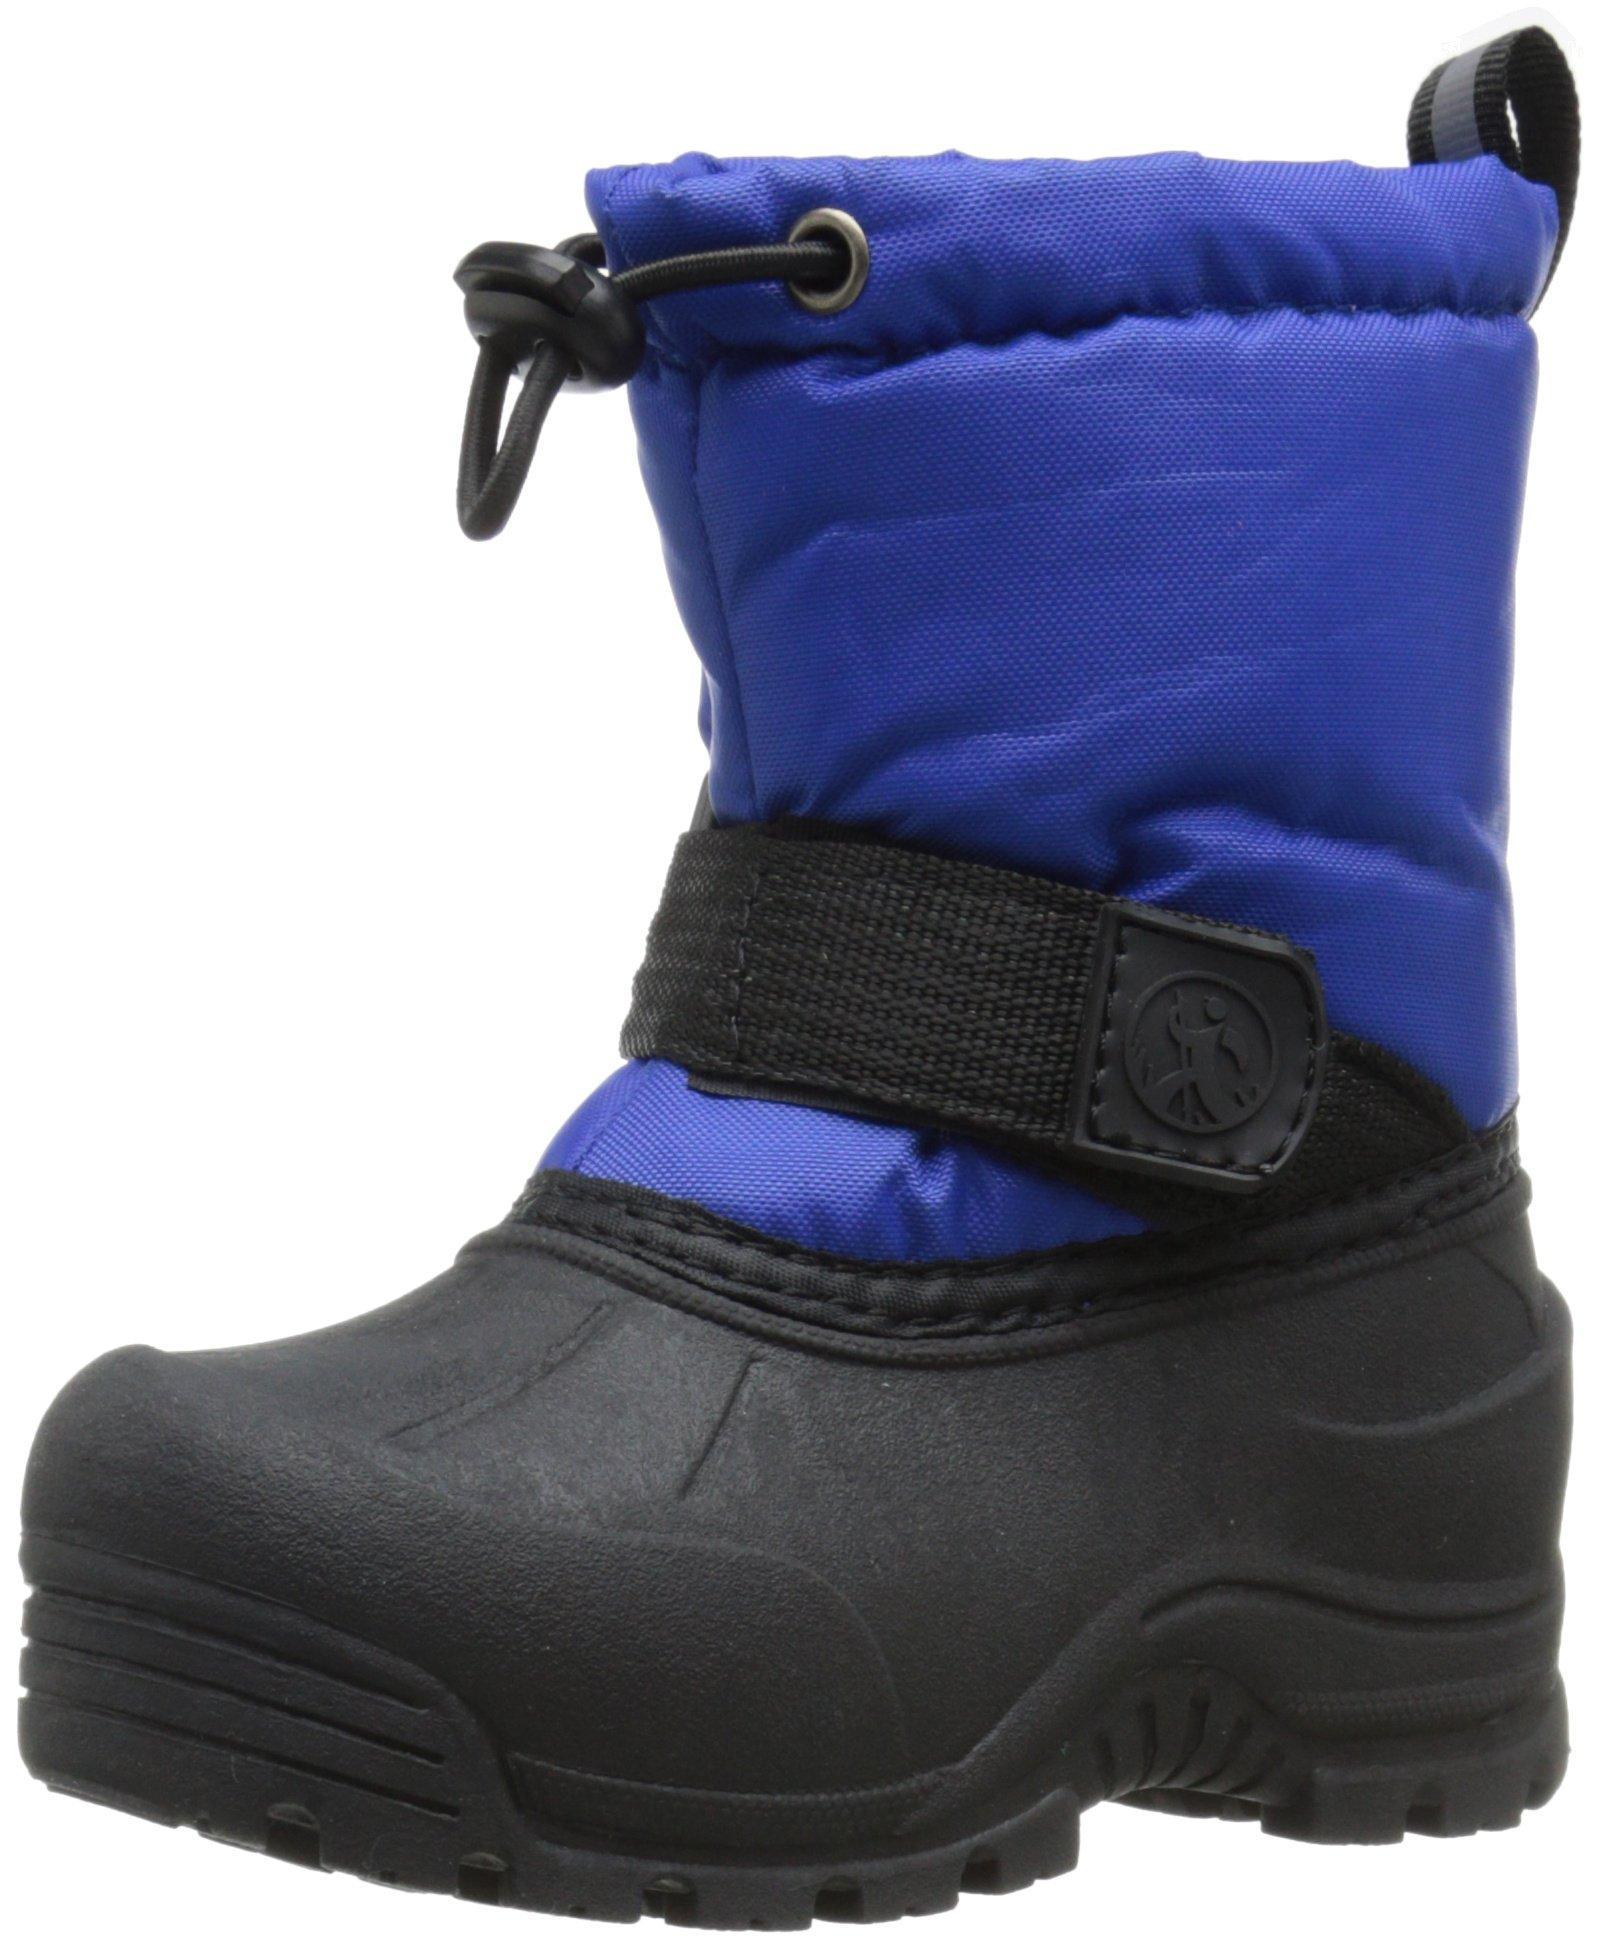 Northside Frosty Winter Boot (Toddler/Little Kid/Big Kid),Royal Blue,5 M US Toddler